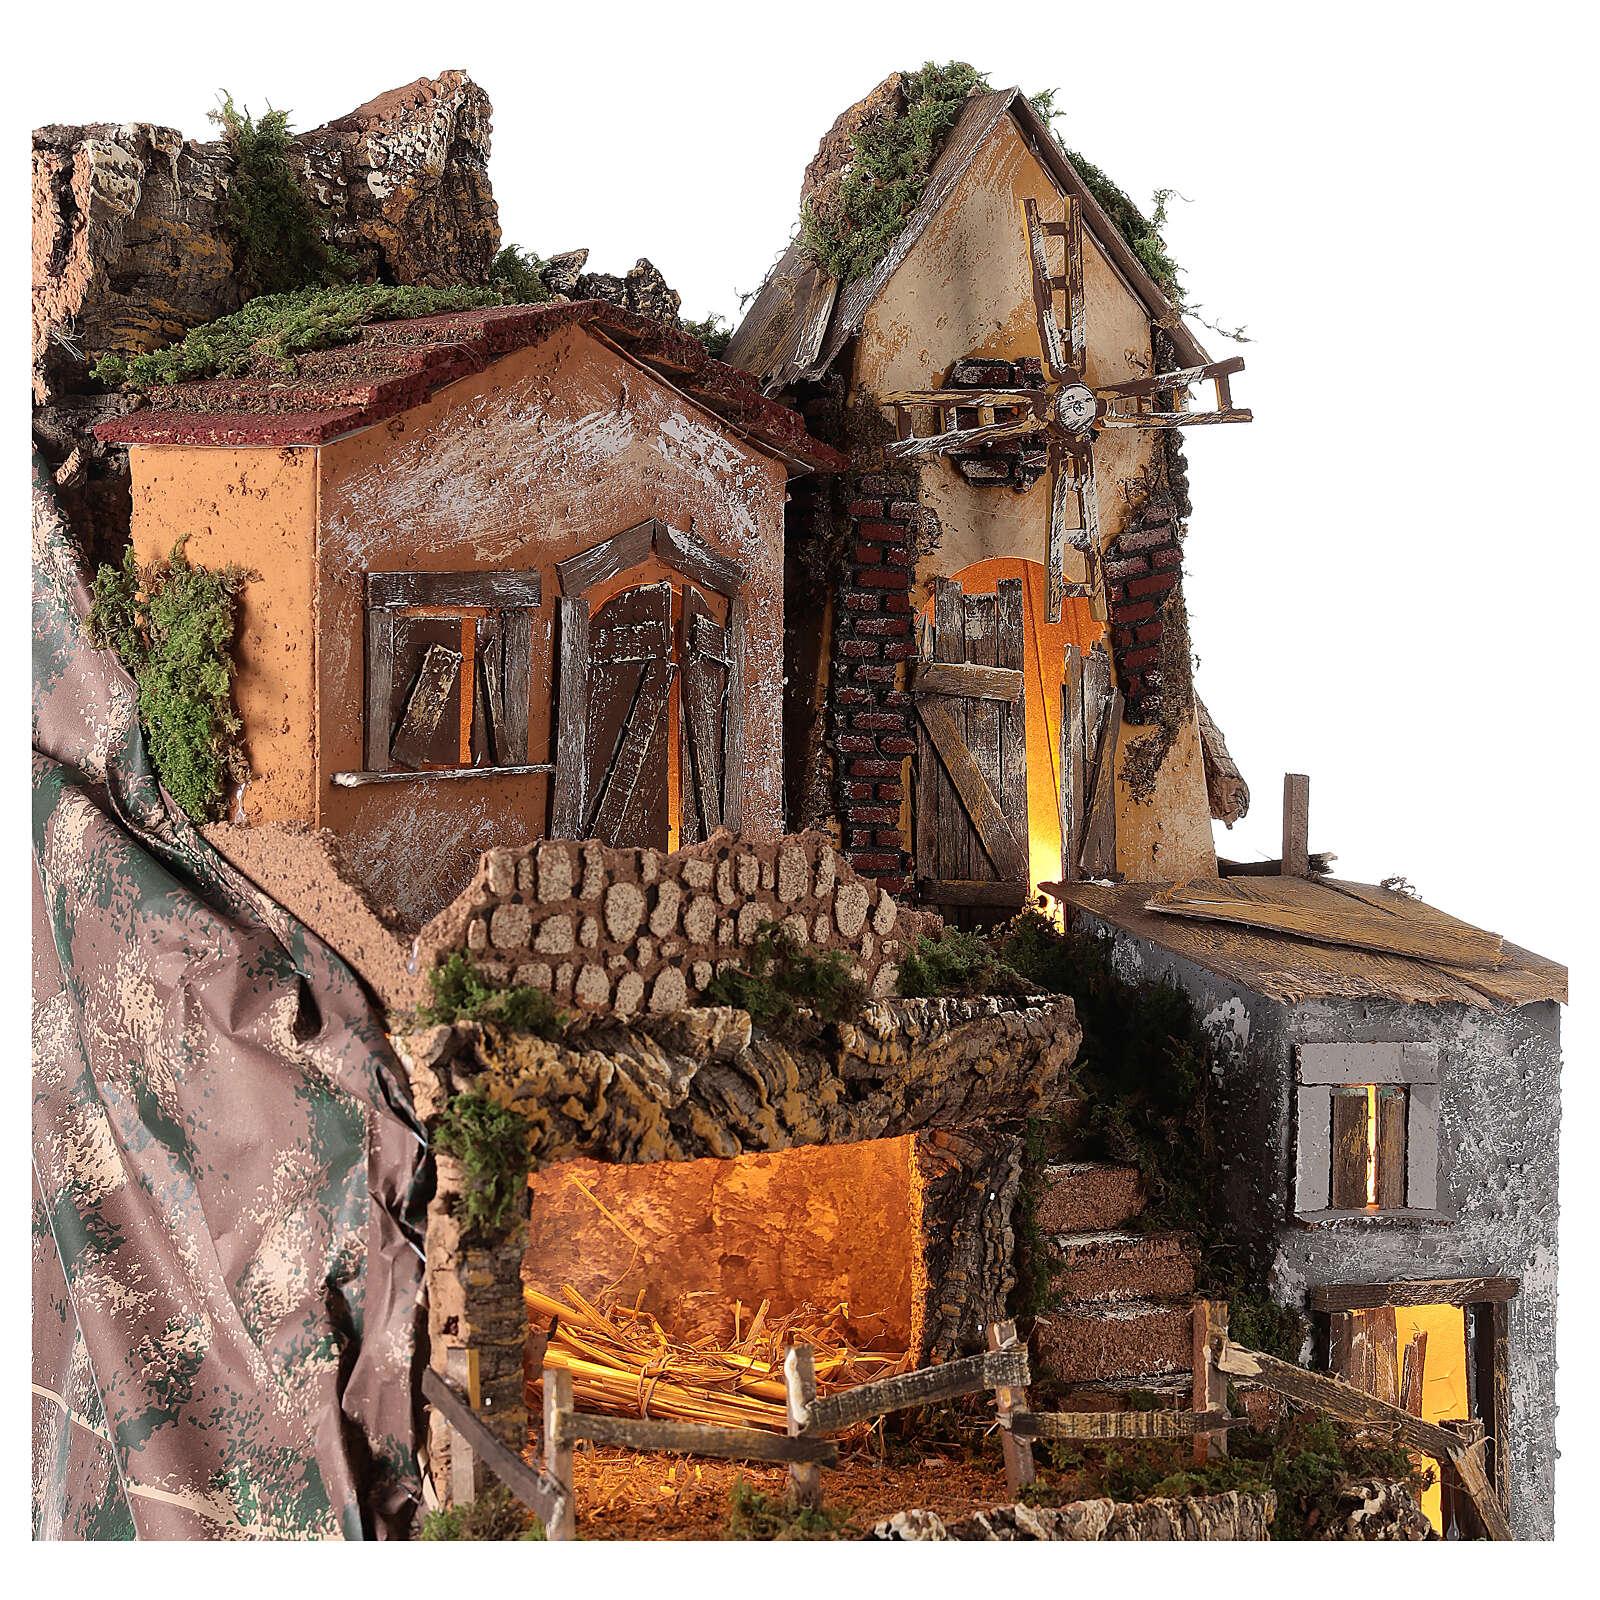 Borgo capanna mulino vento 70x55x50 cm presepi 10 cm MOD. D 4